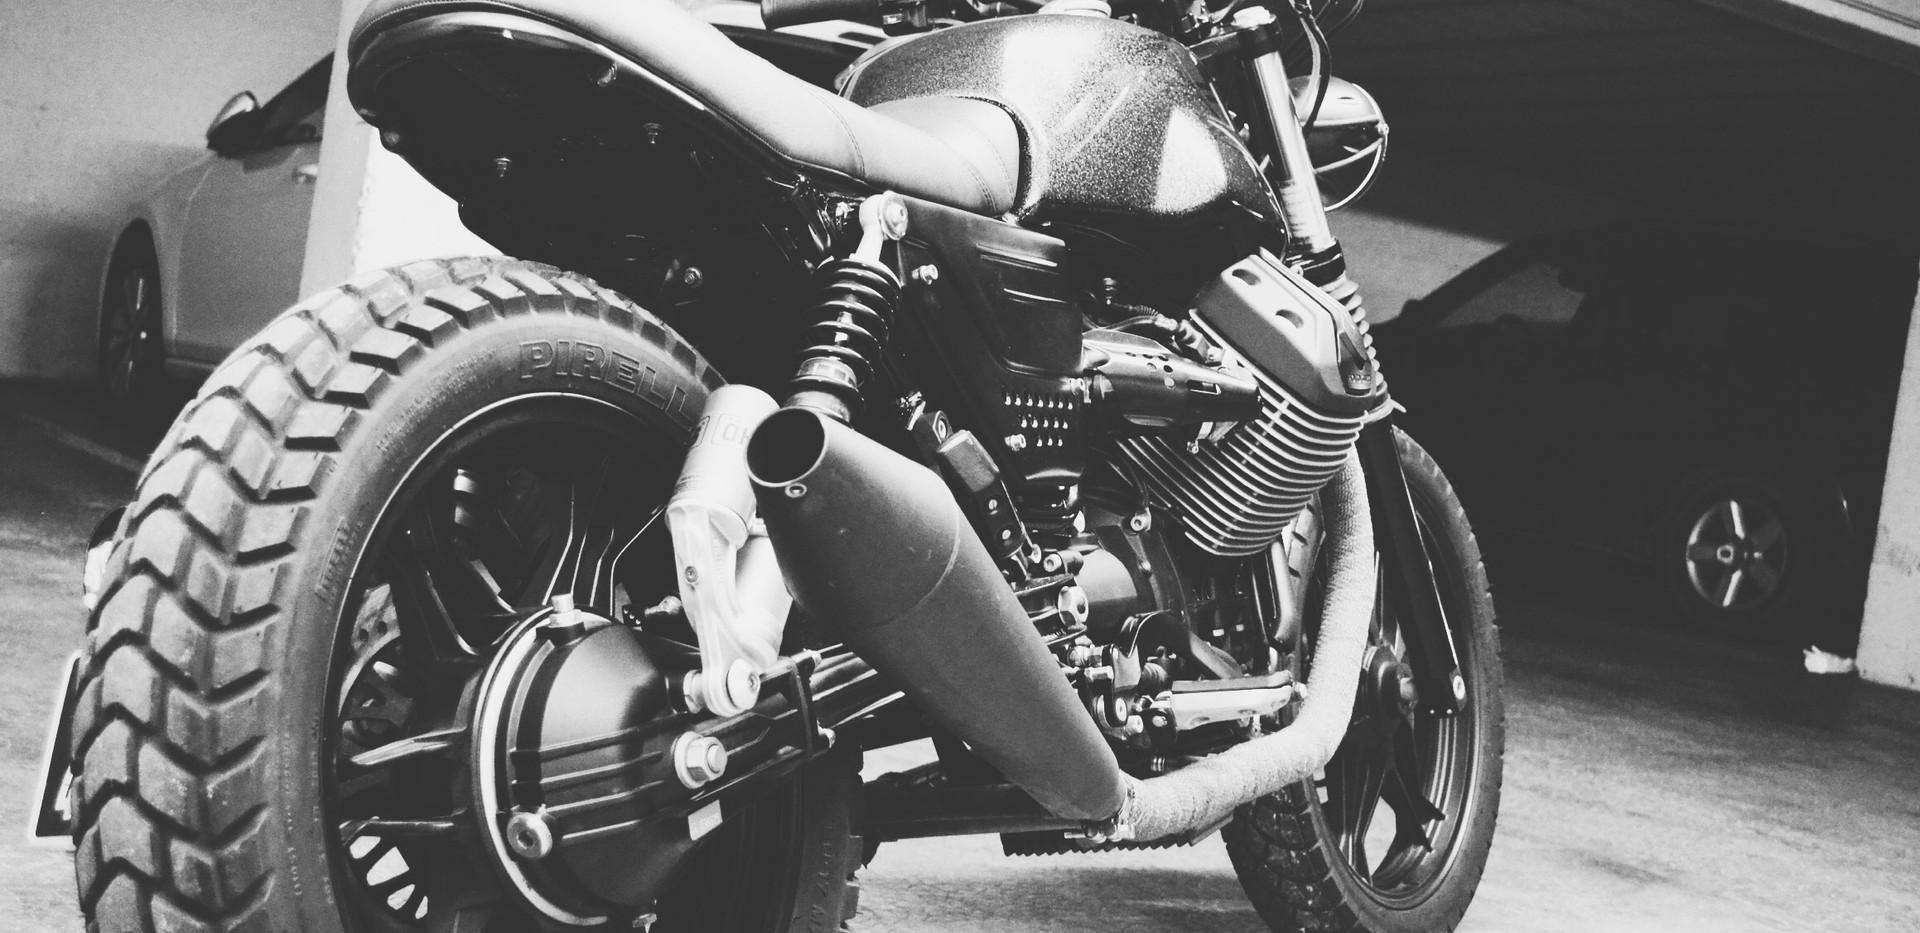 guzzi v7 scrambler duke motorcycles